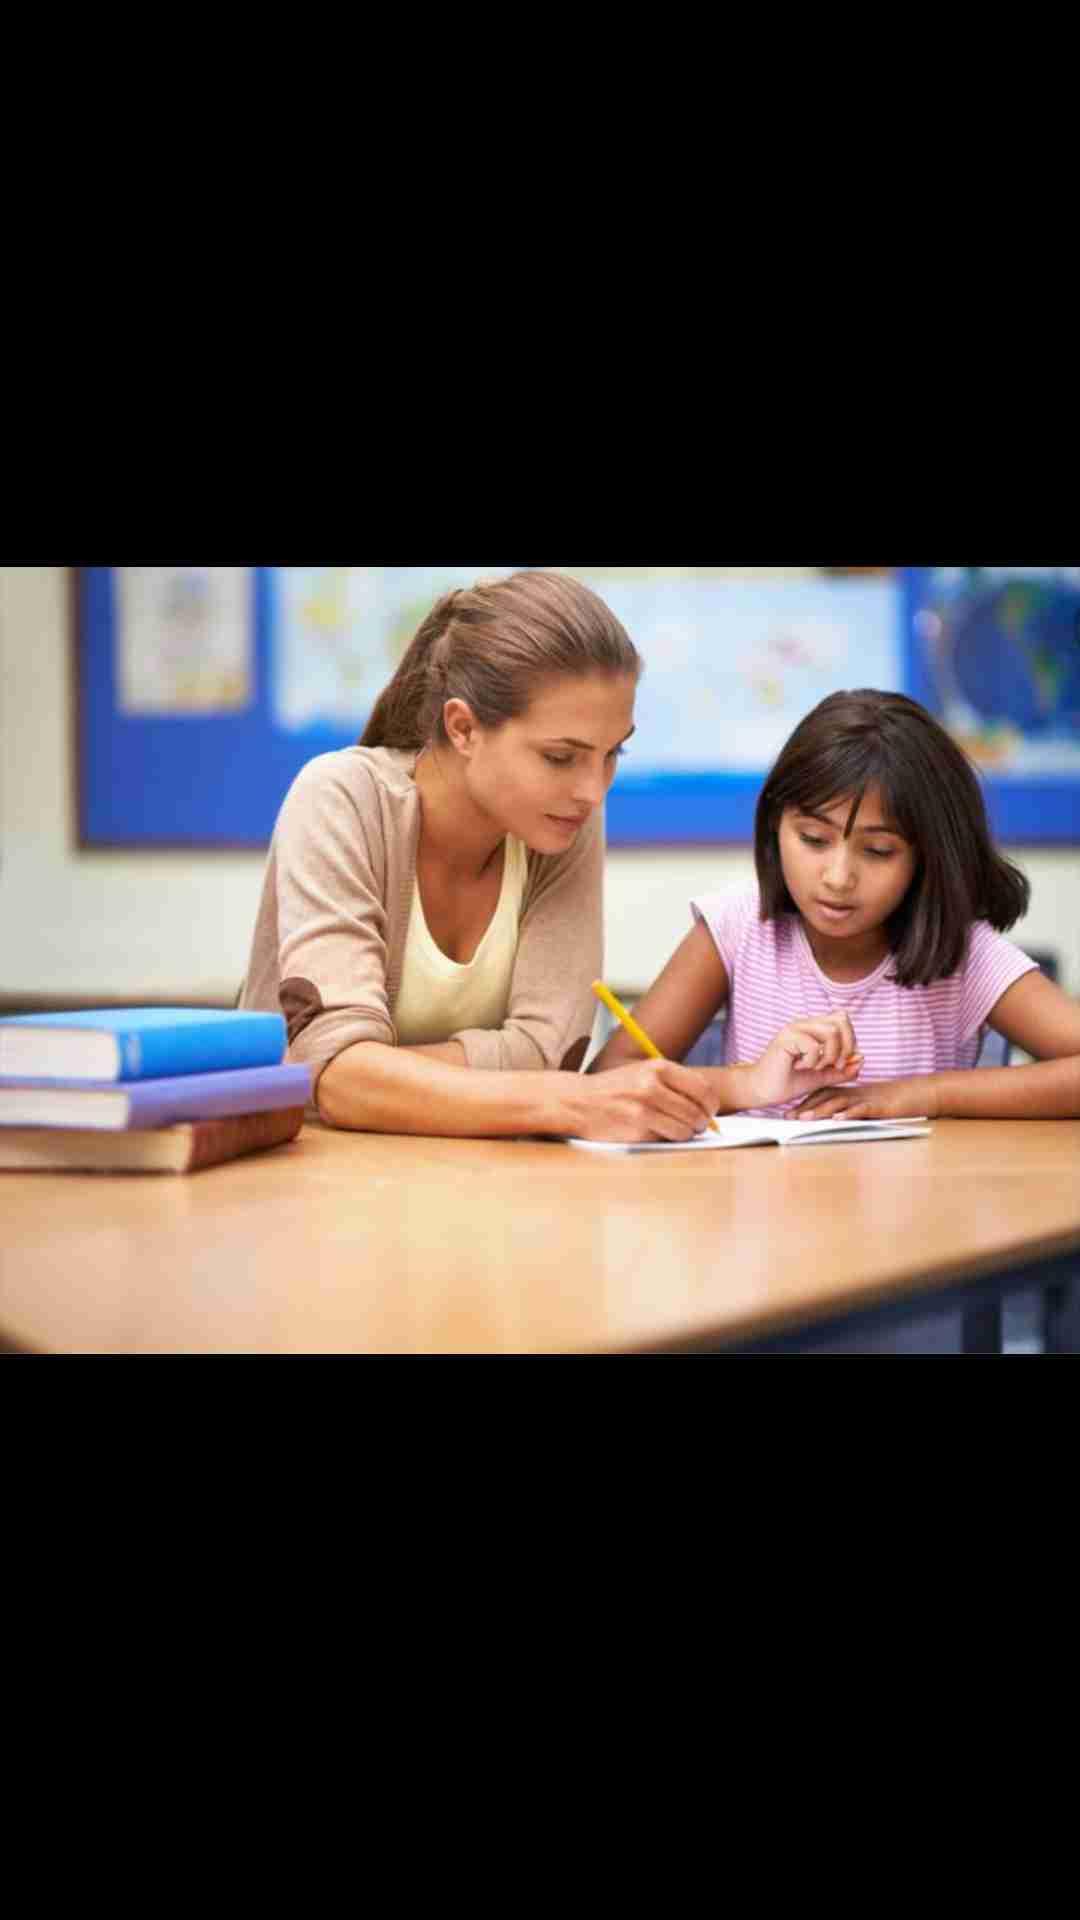 مدرب دولي معتمد لتدريب المحاسبين القانونيين CPA، خبرة 17 سنه، 7 سنوات في مجال التدريب والا�-  مدرسة خصوصية للغتين...